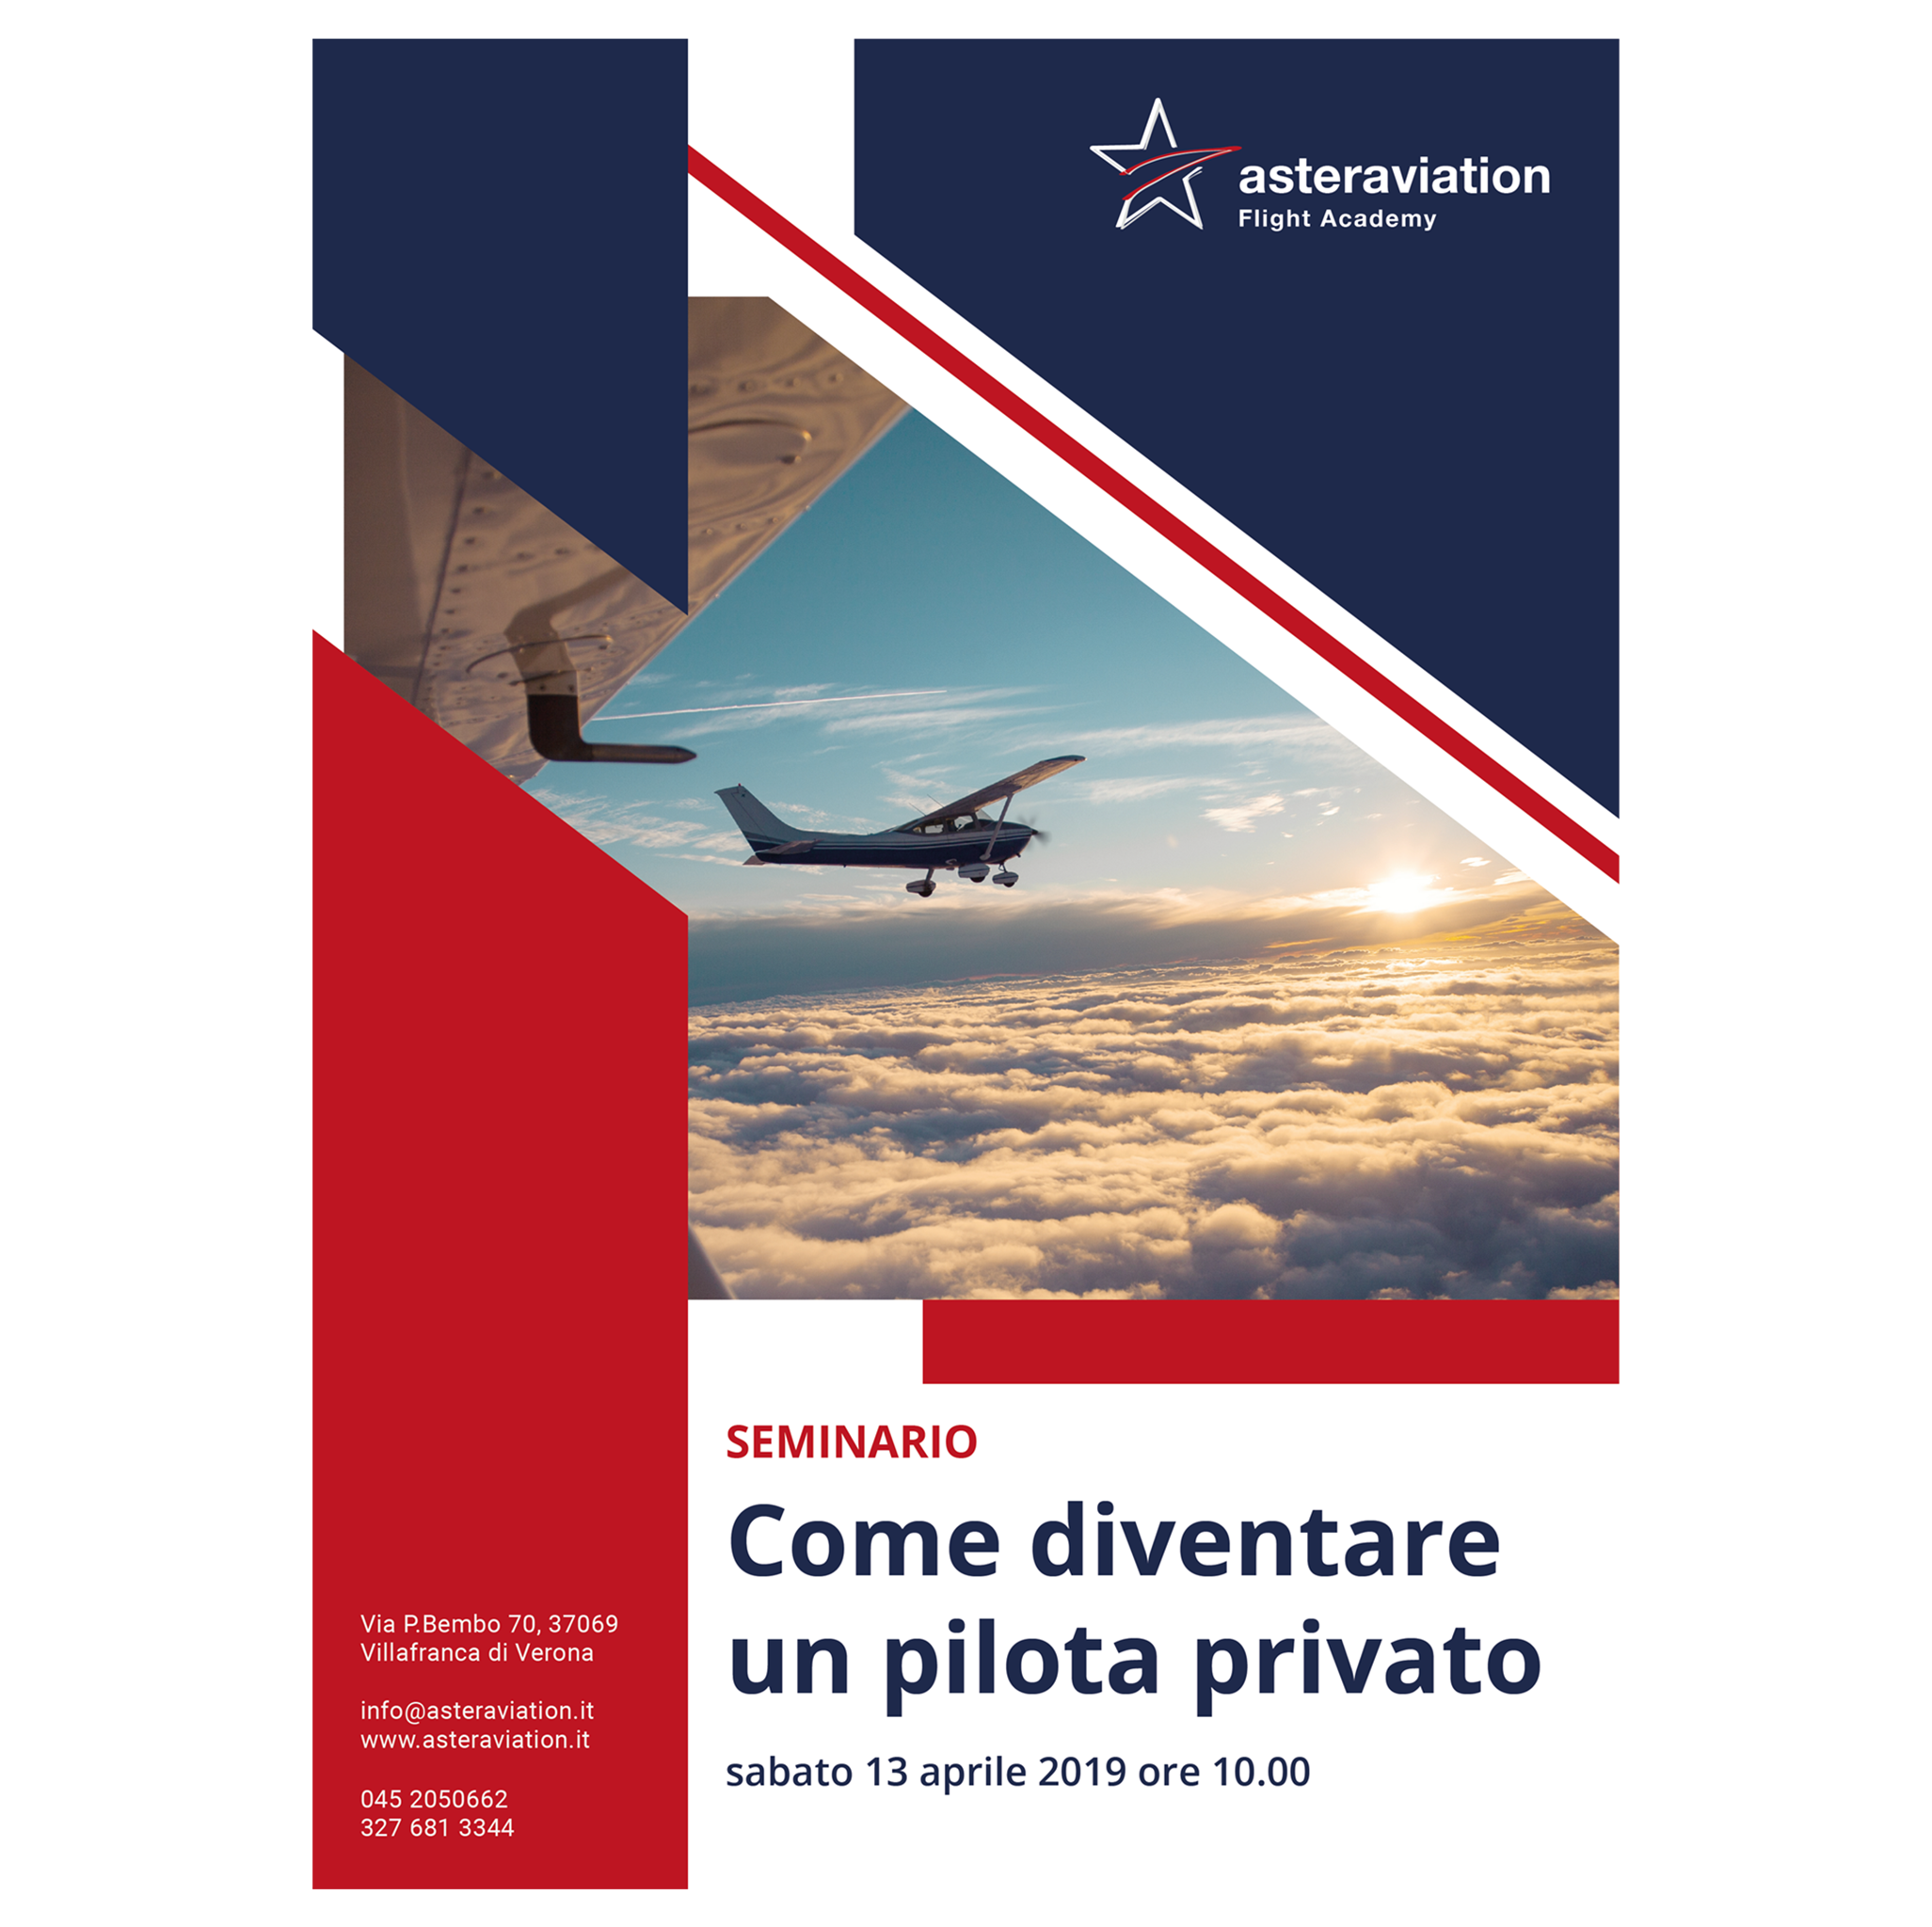 Seminario su come acquisire la licenza di pilota privato in aprile 2019